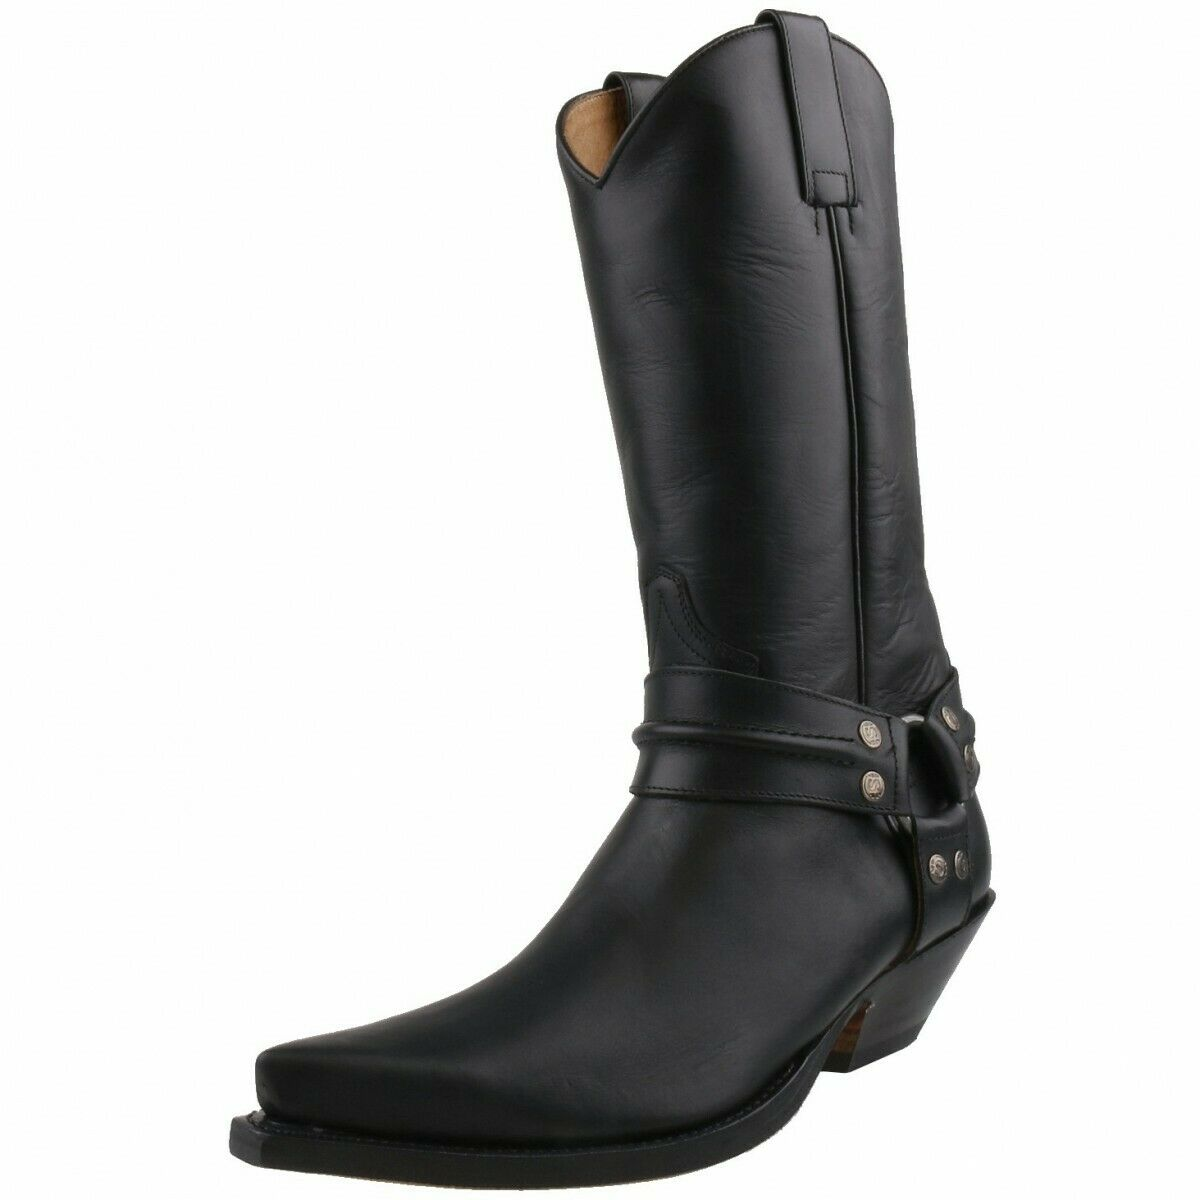 Nuevo sendra botas zapatos caballero 3305 Biker botas de cuero botas de vaquero negro